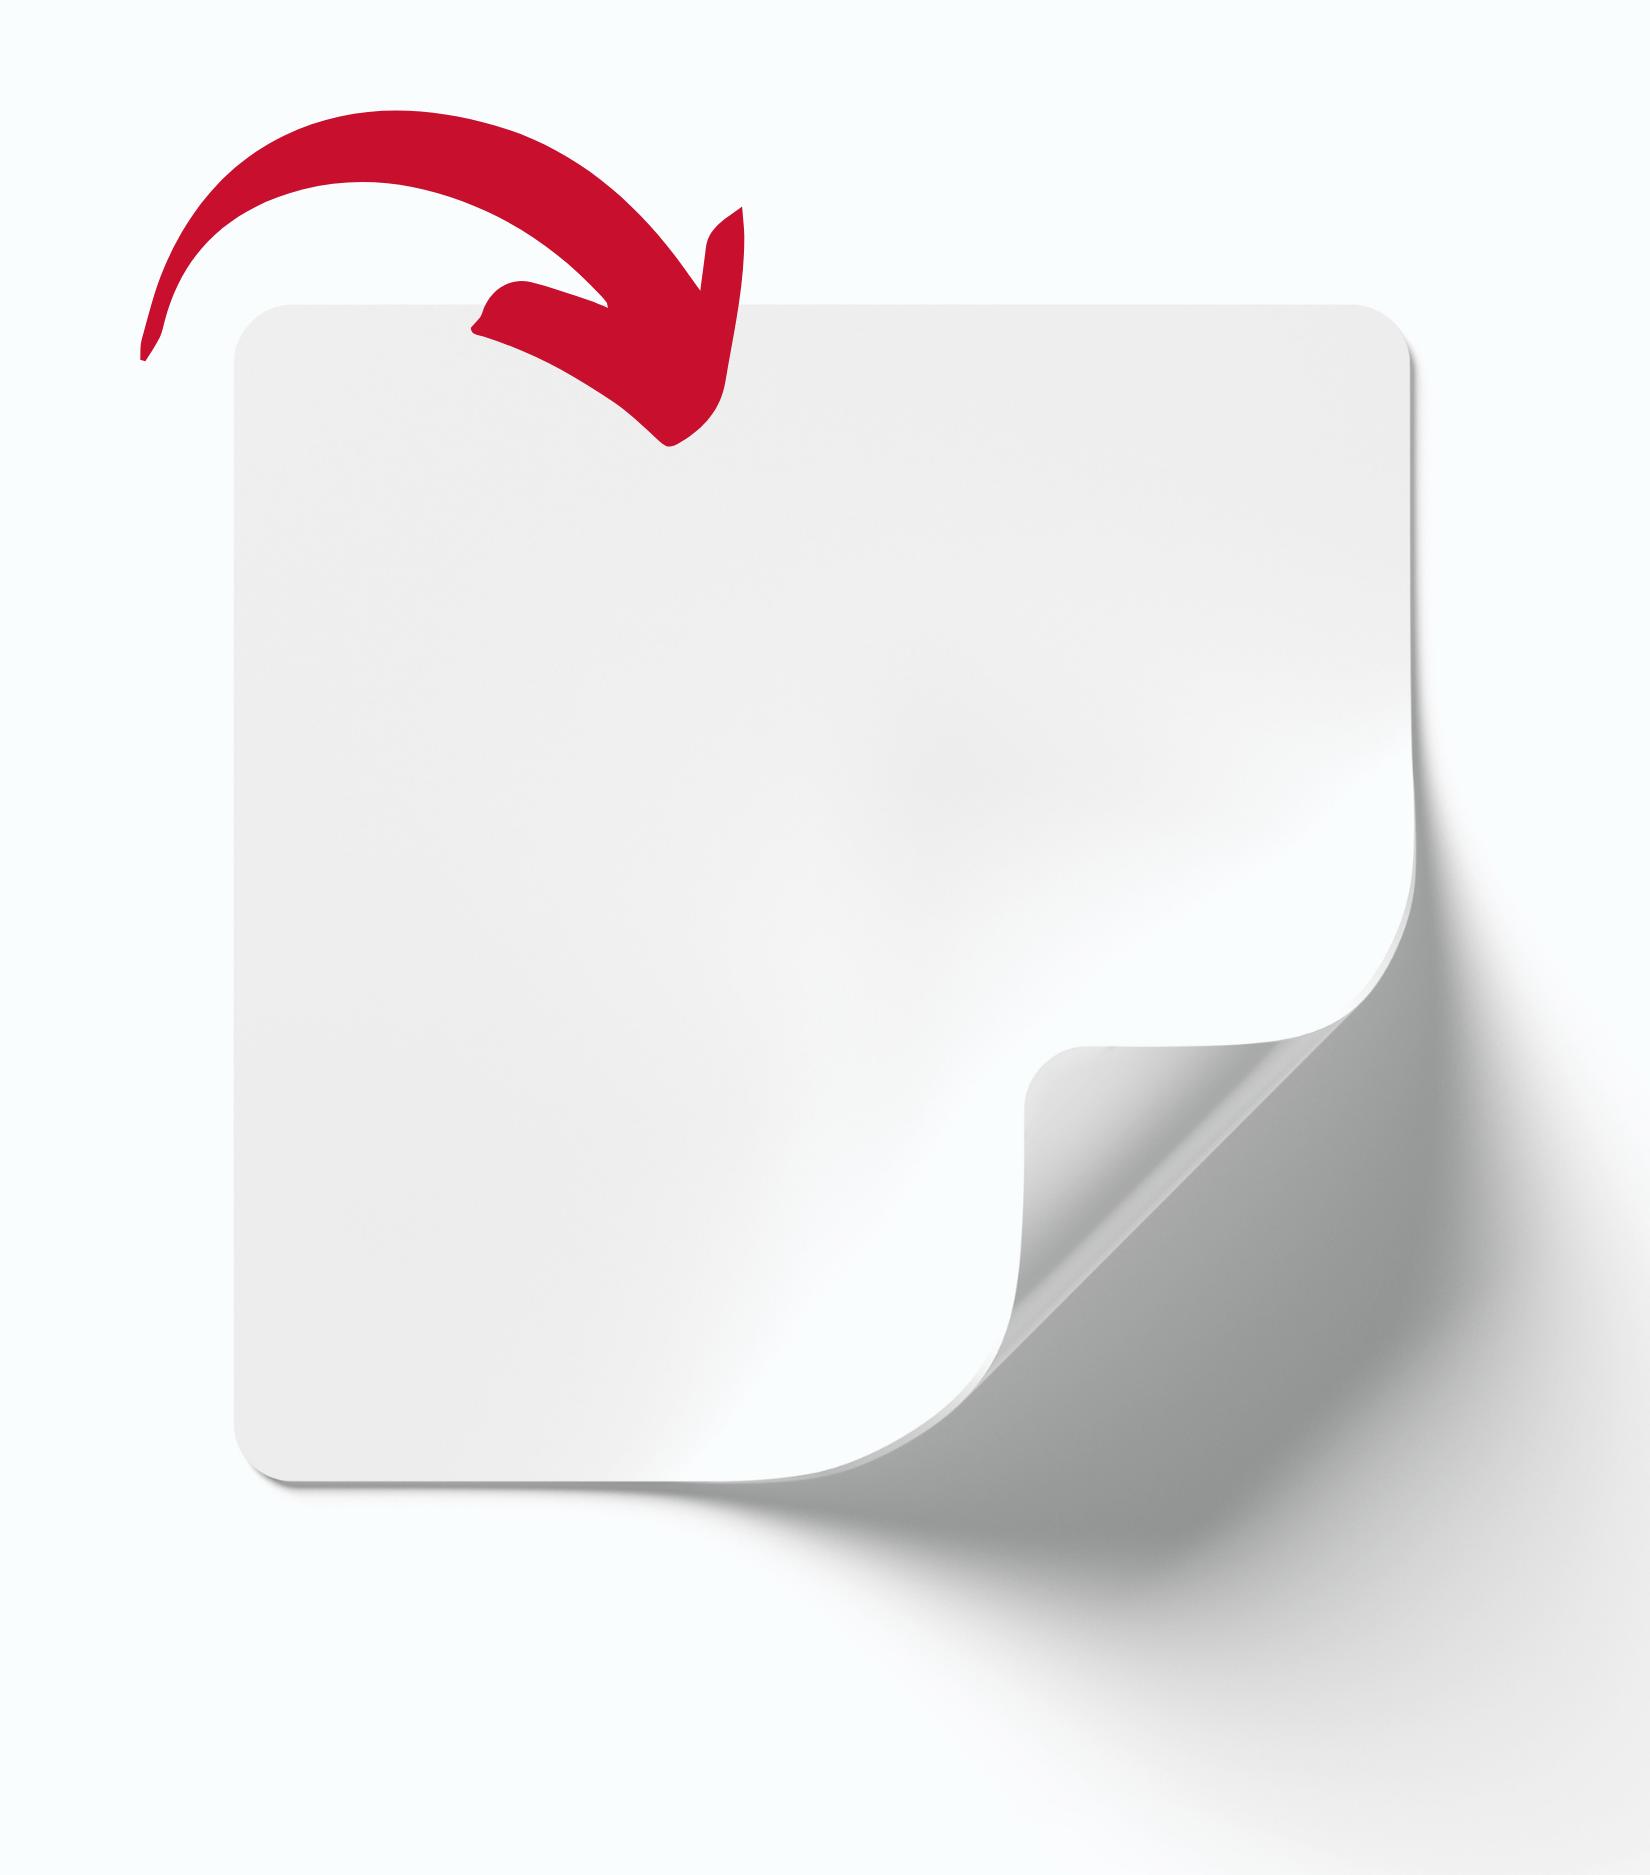 Facestock, Label Materials, Polyester Labels, Polycarbonate Labels, Vinyl Labels, Polypropylene Labels